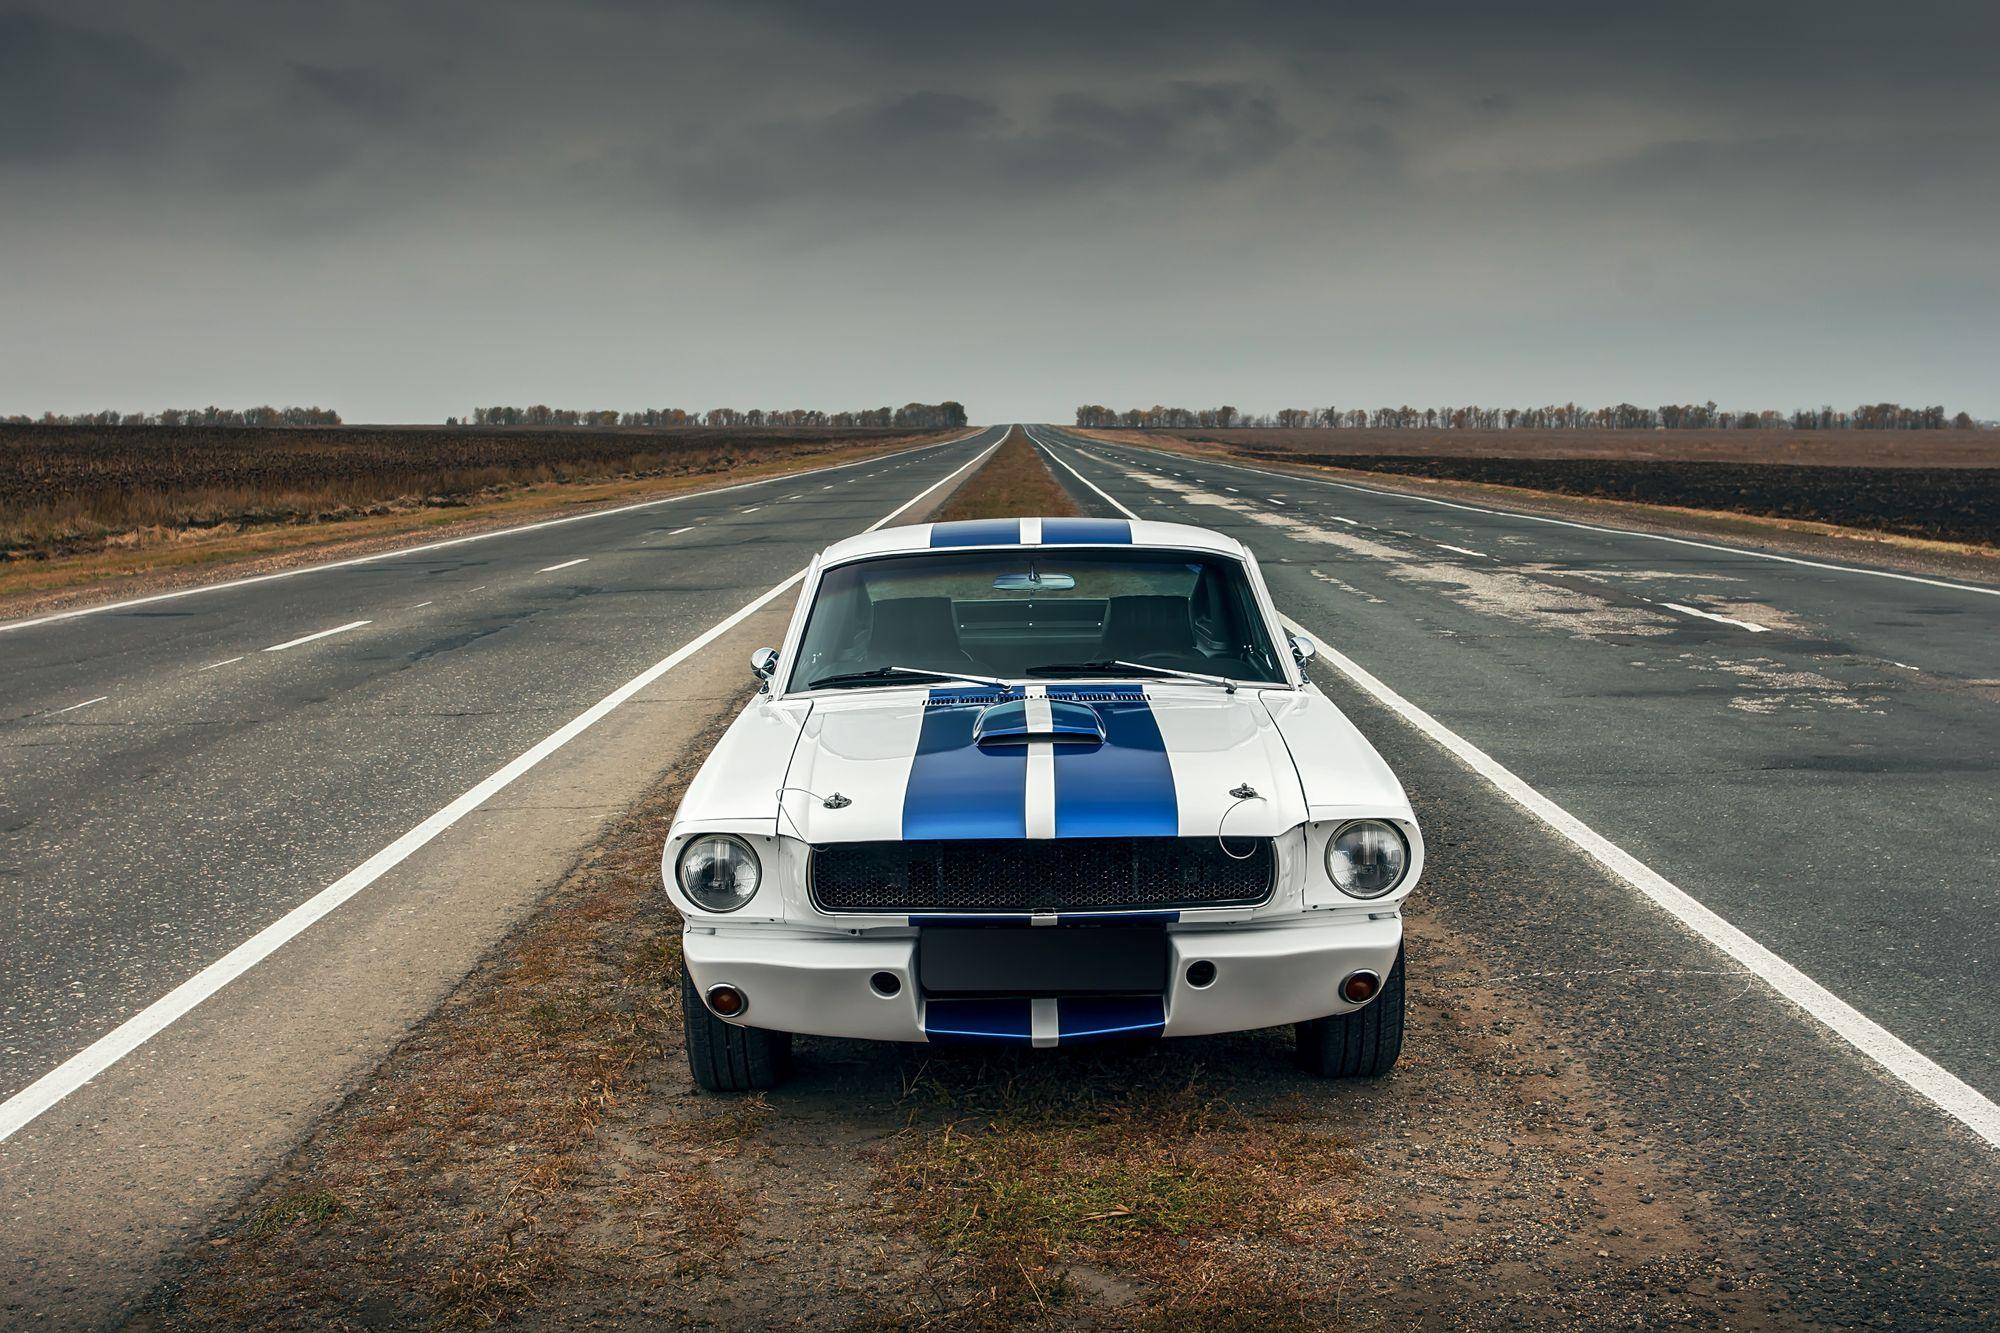 λευκό/ μπλε ρίγες σπορ αυτοκίνητο